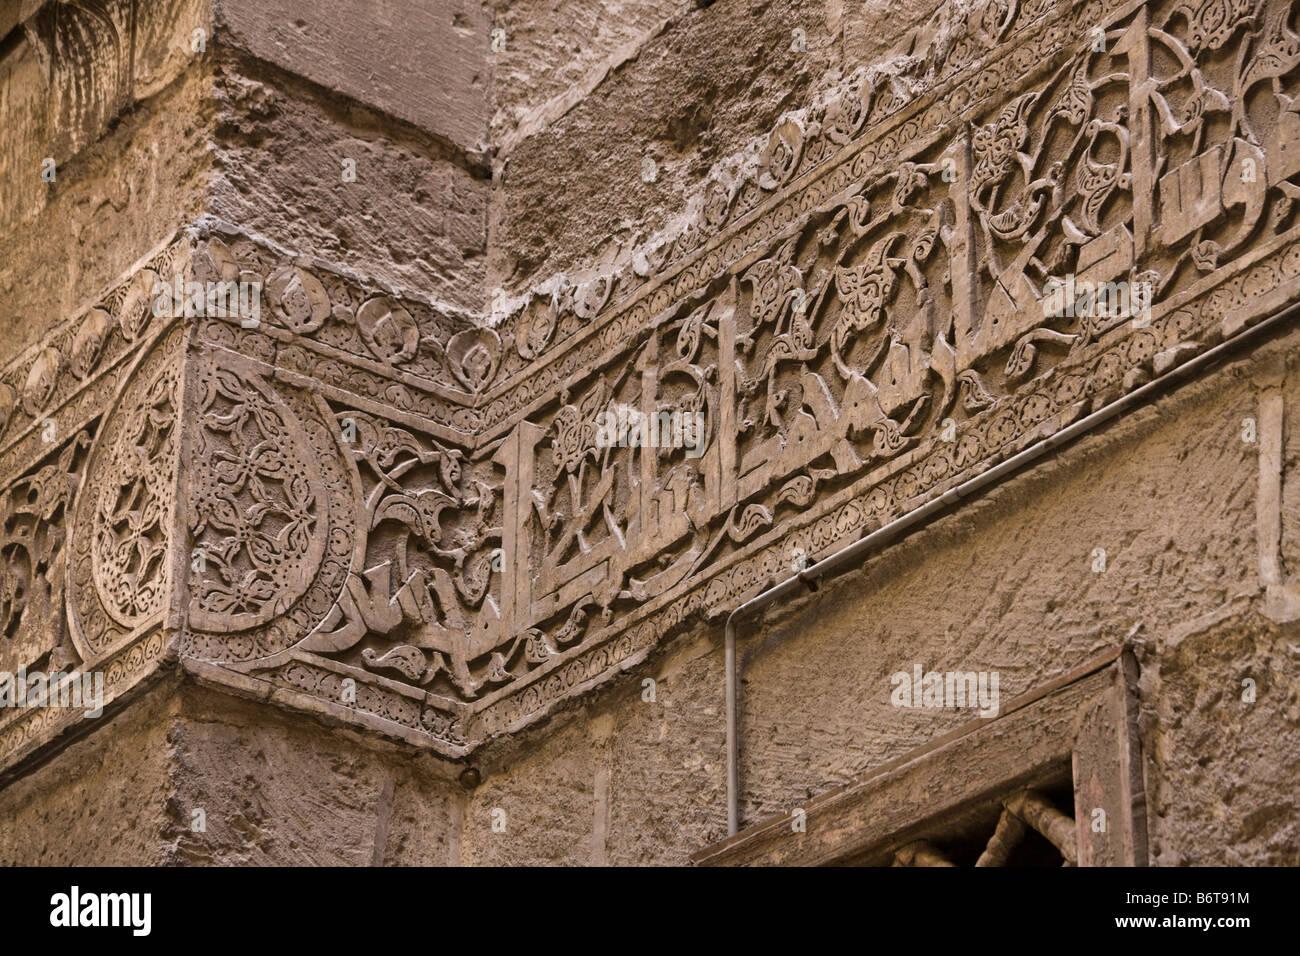 Inscripción de supervisor arquitectónico, Muhsin al-Bilsini, sobre inscripción en Kufic madrasa Shafi'i, Sultán Hasan complejo, El Cairo Foto de stock